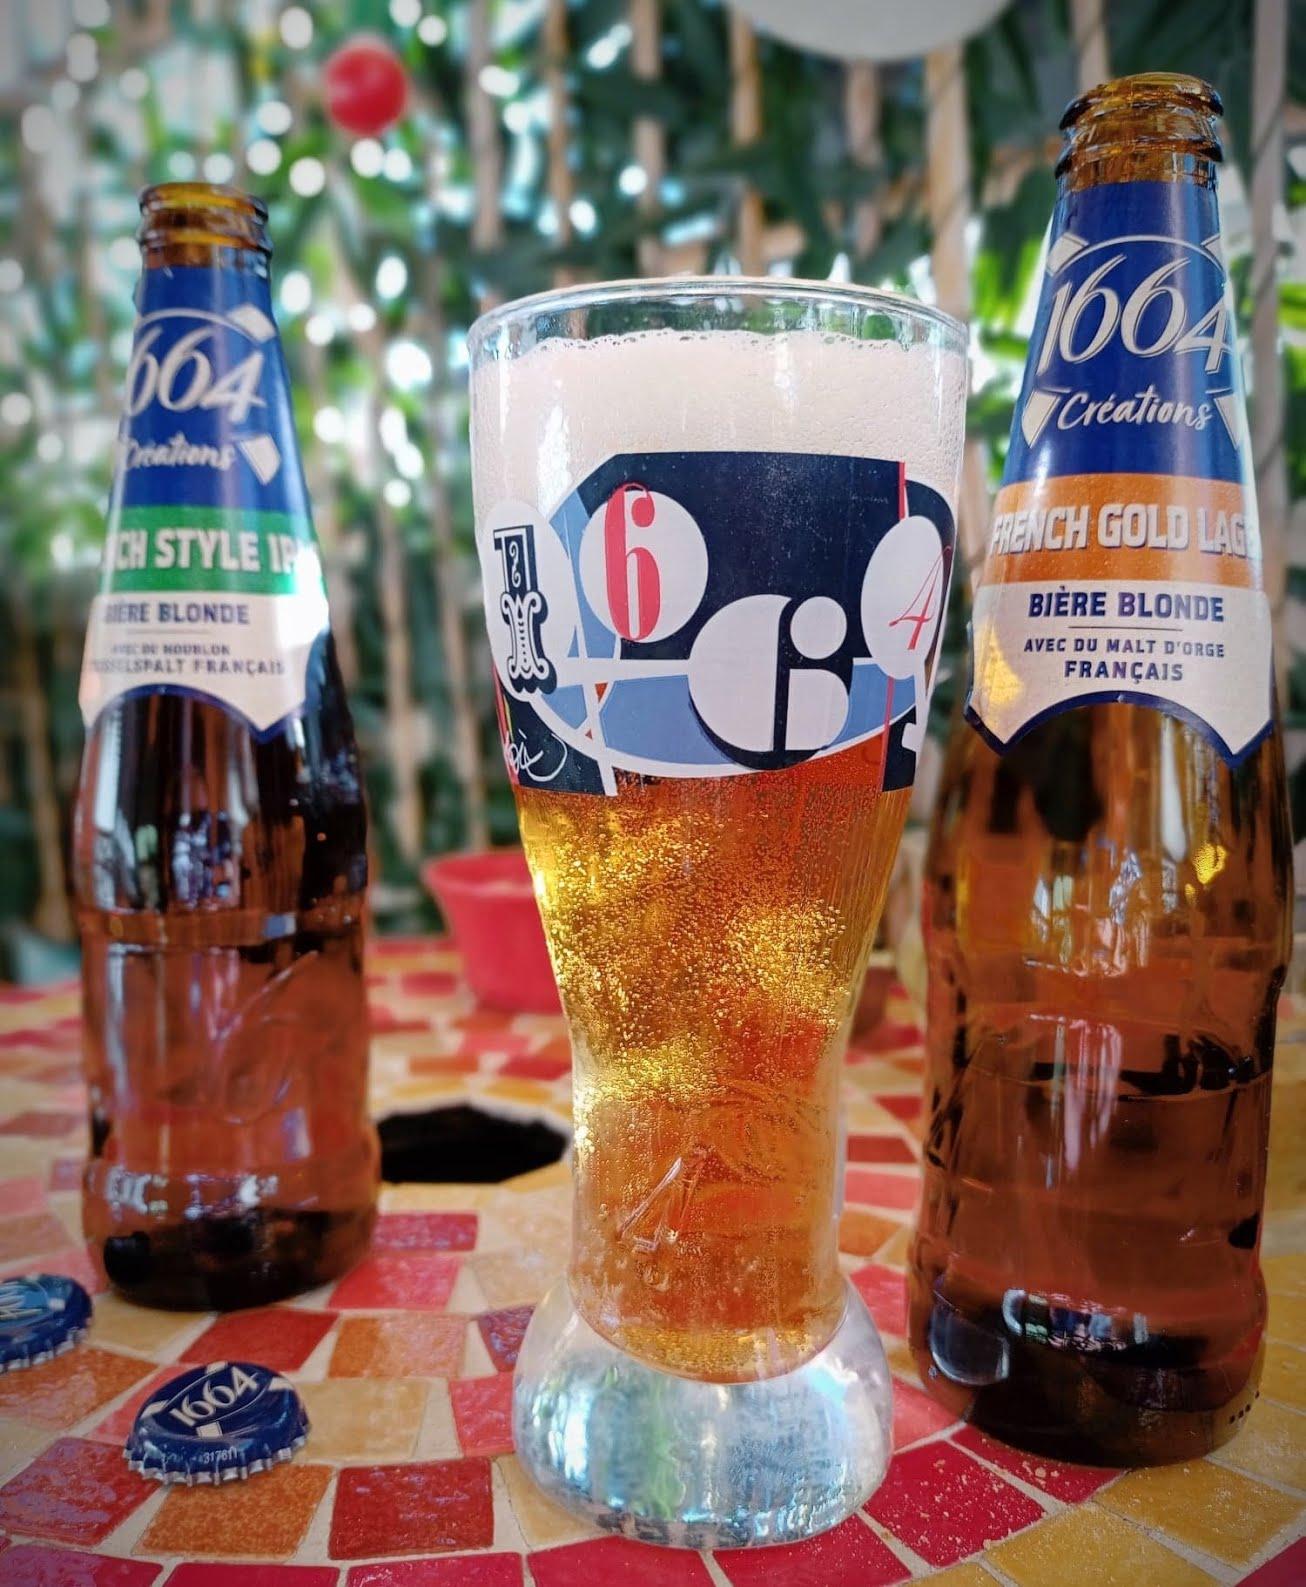 Bière 1664 Créations